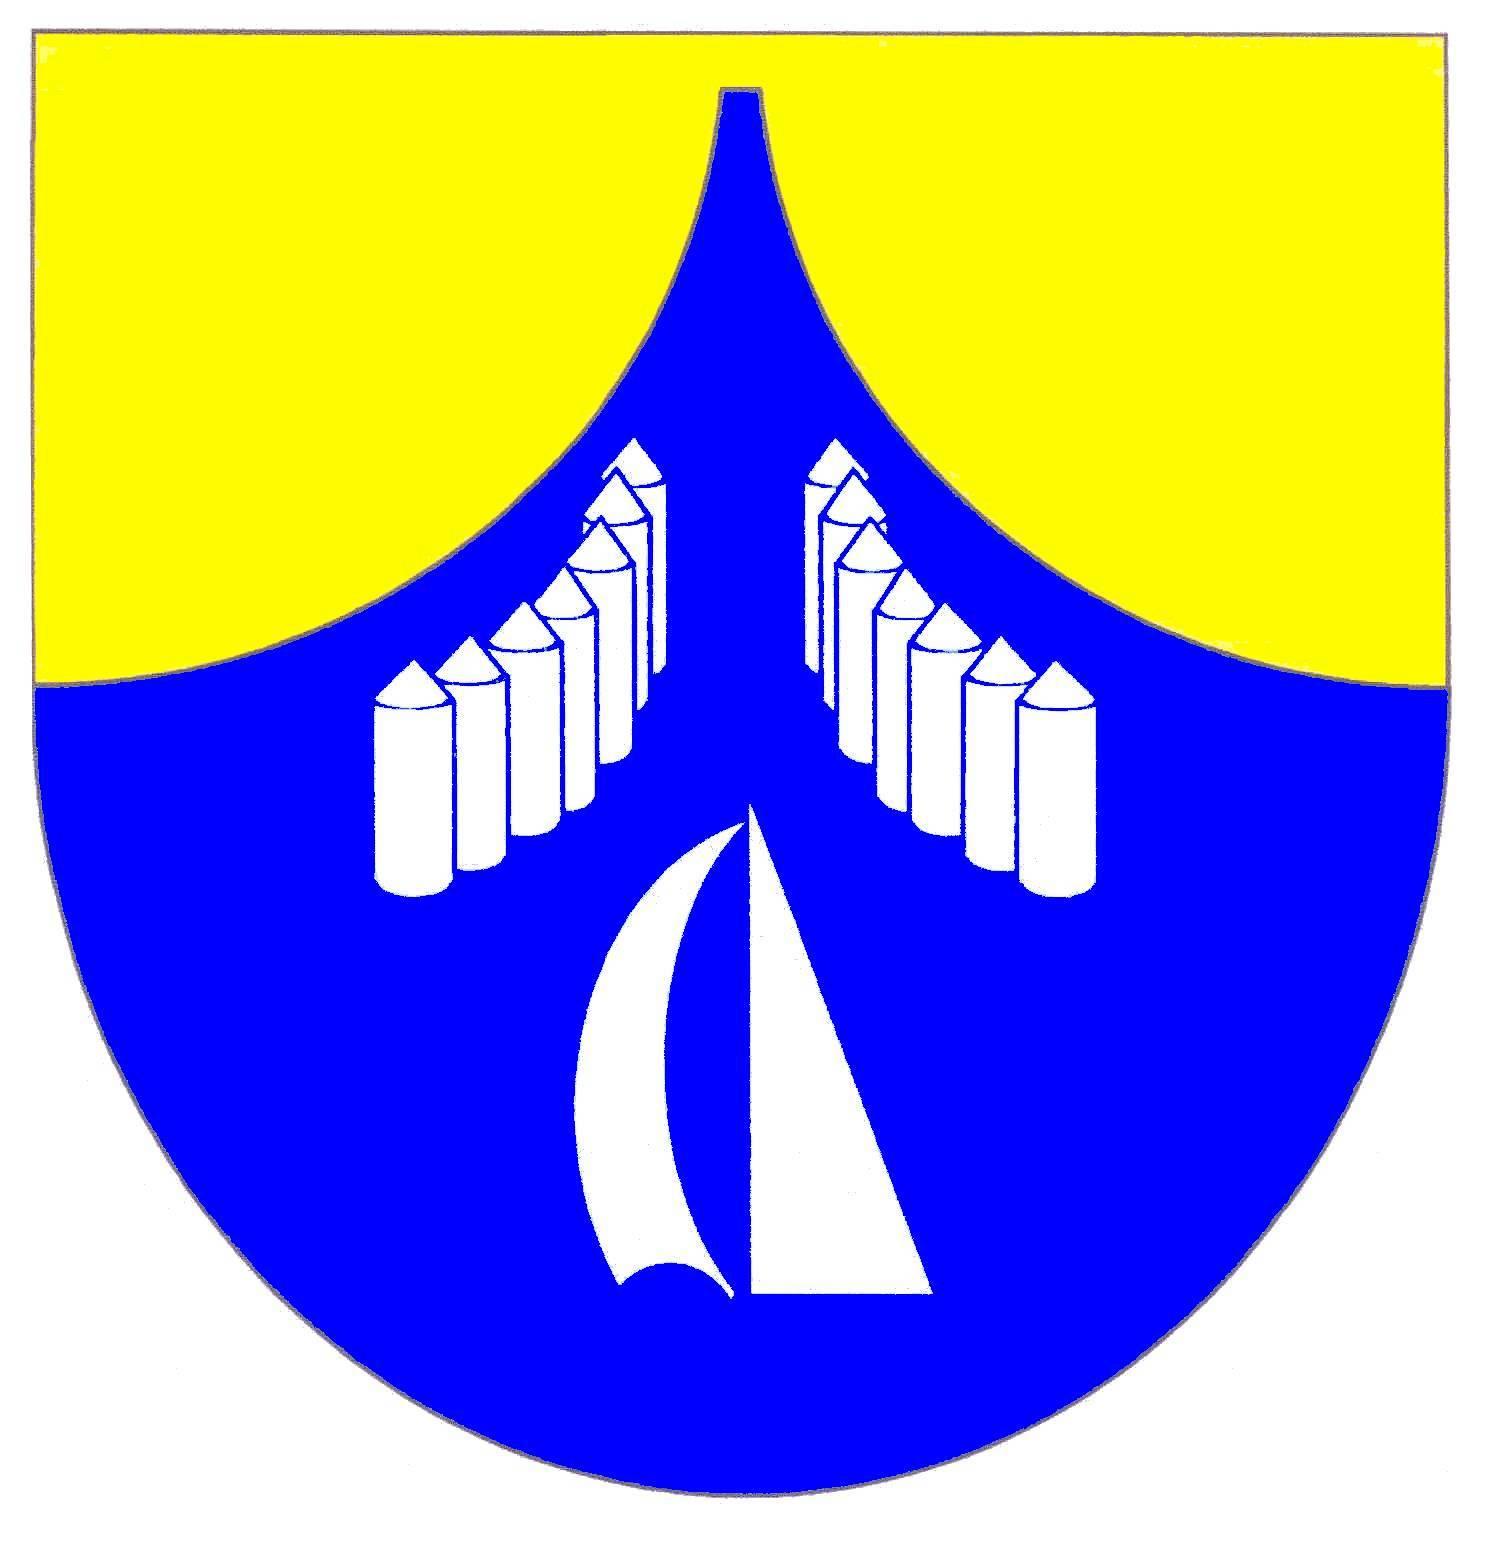 Wappen GemeindeBorgwedel, Kreis Schleswig-Flensburg